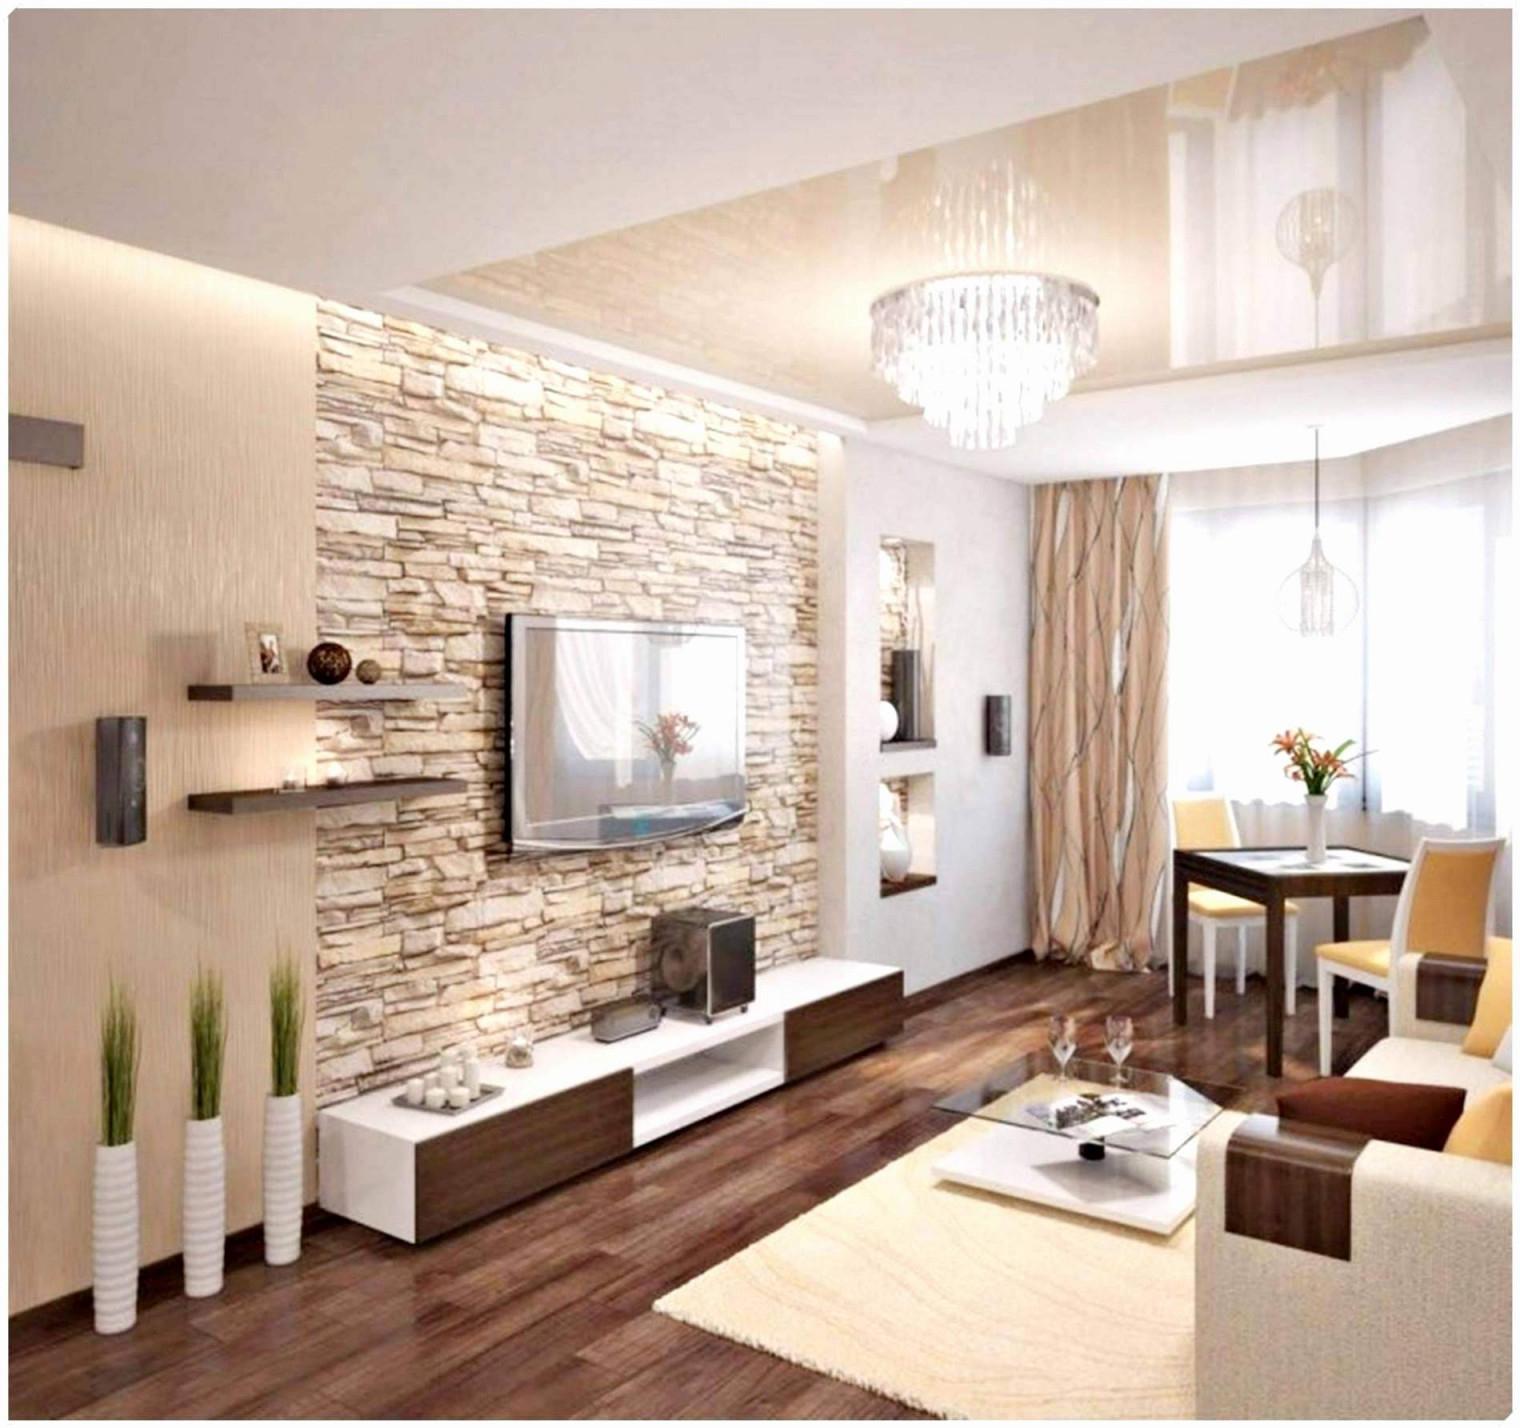 37 Neu Wohnzimmer Farben Ideen Frisch  Wohnzimmer Frisch von Farben Wohnzimmer Ideen Bild